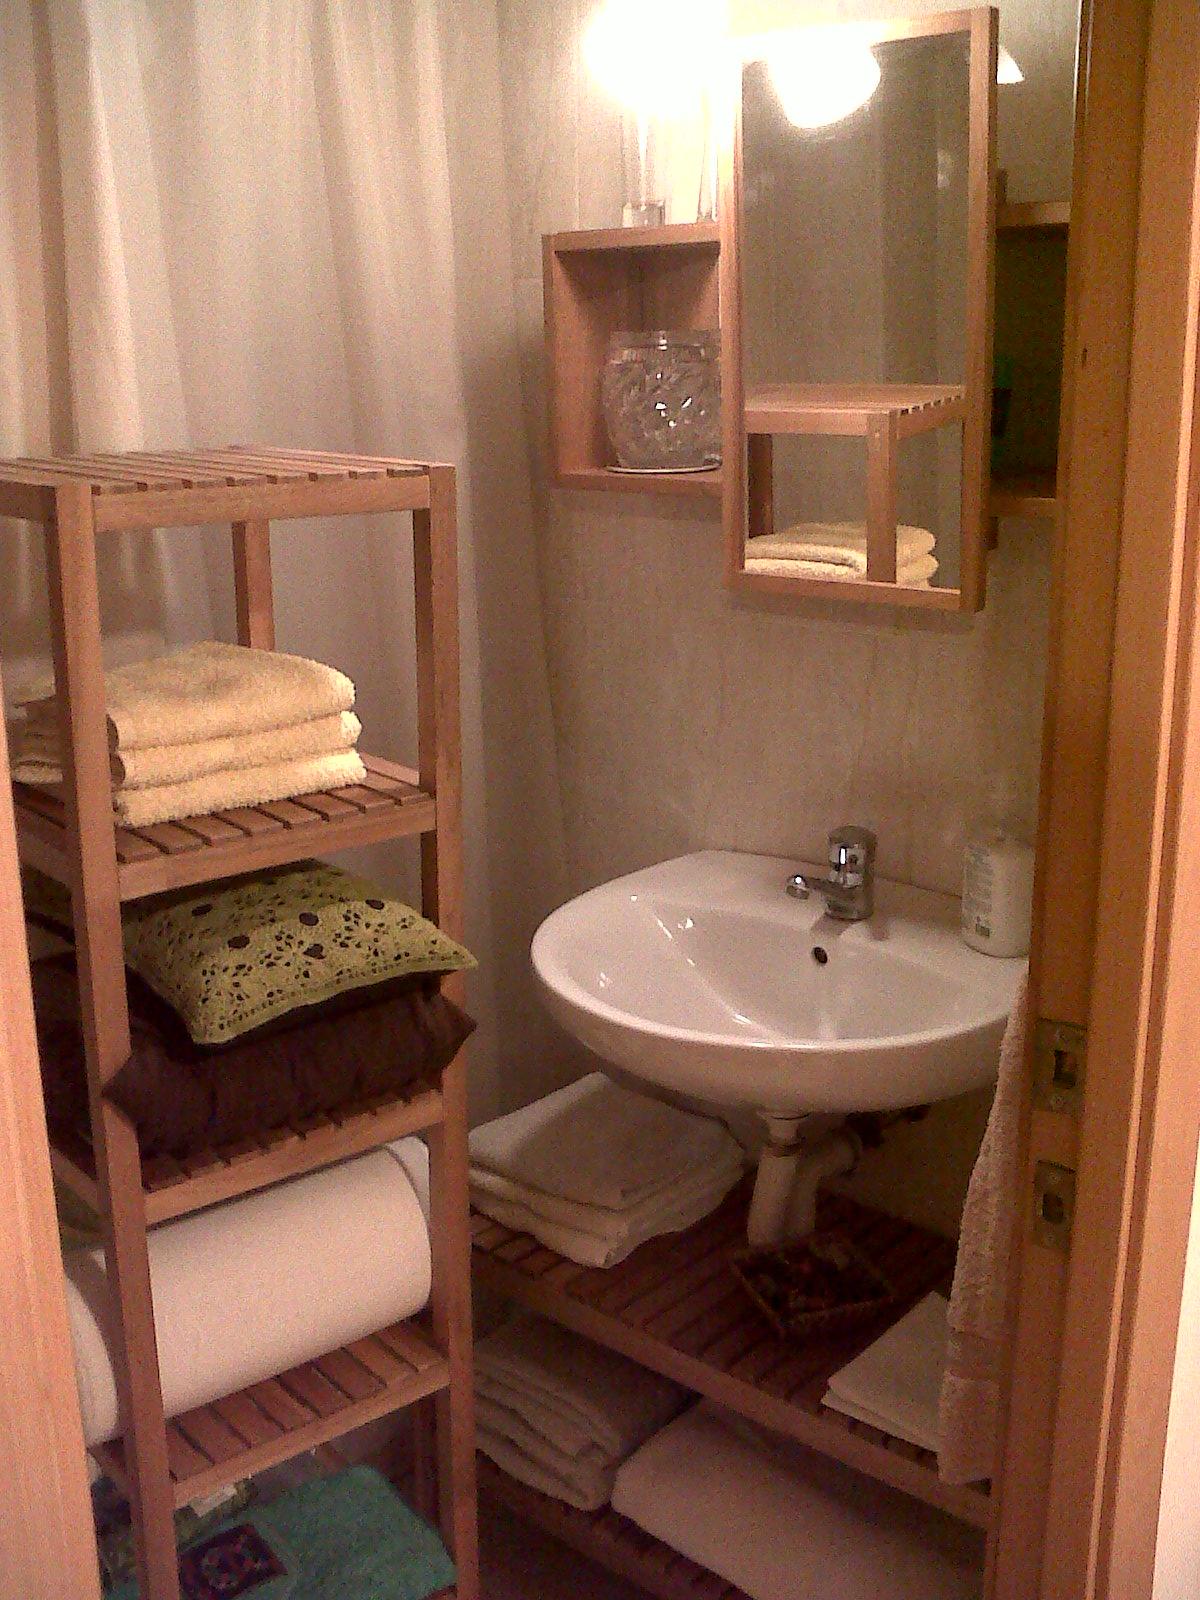 Imagenes de muebles de madera para ba o for Muebles antiguos para banos